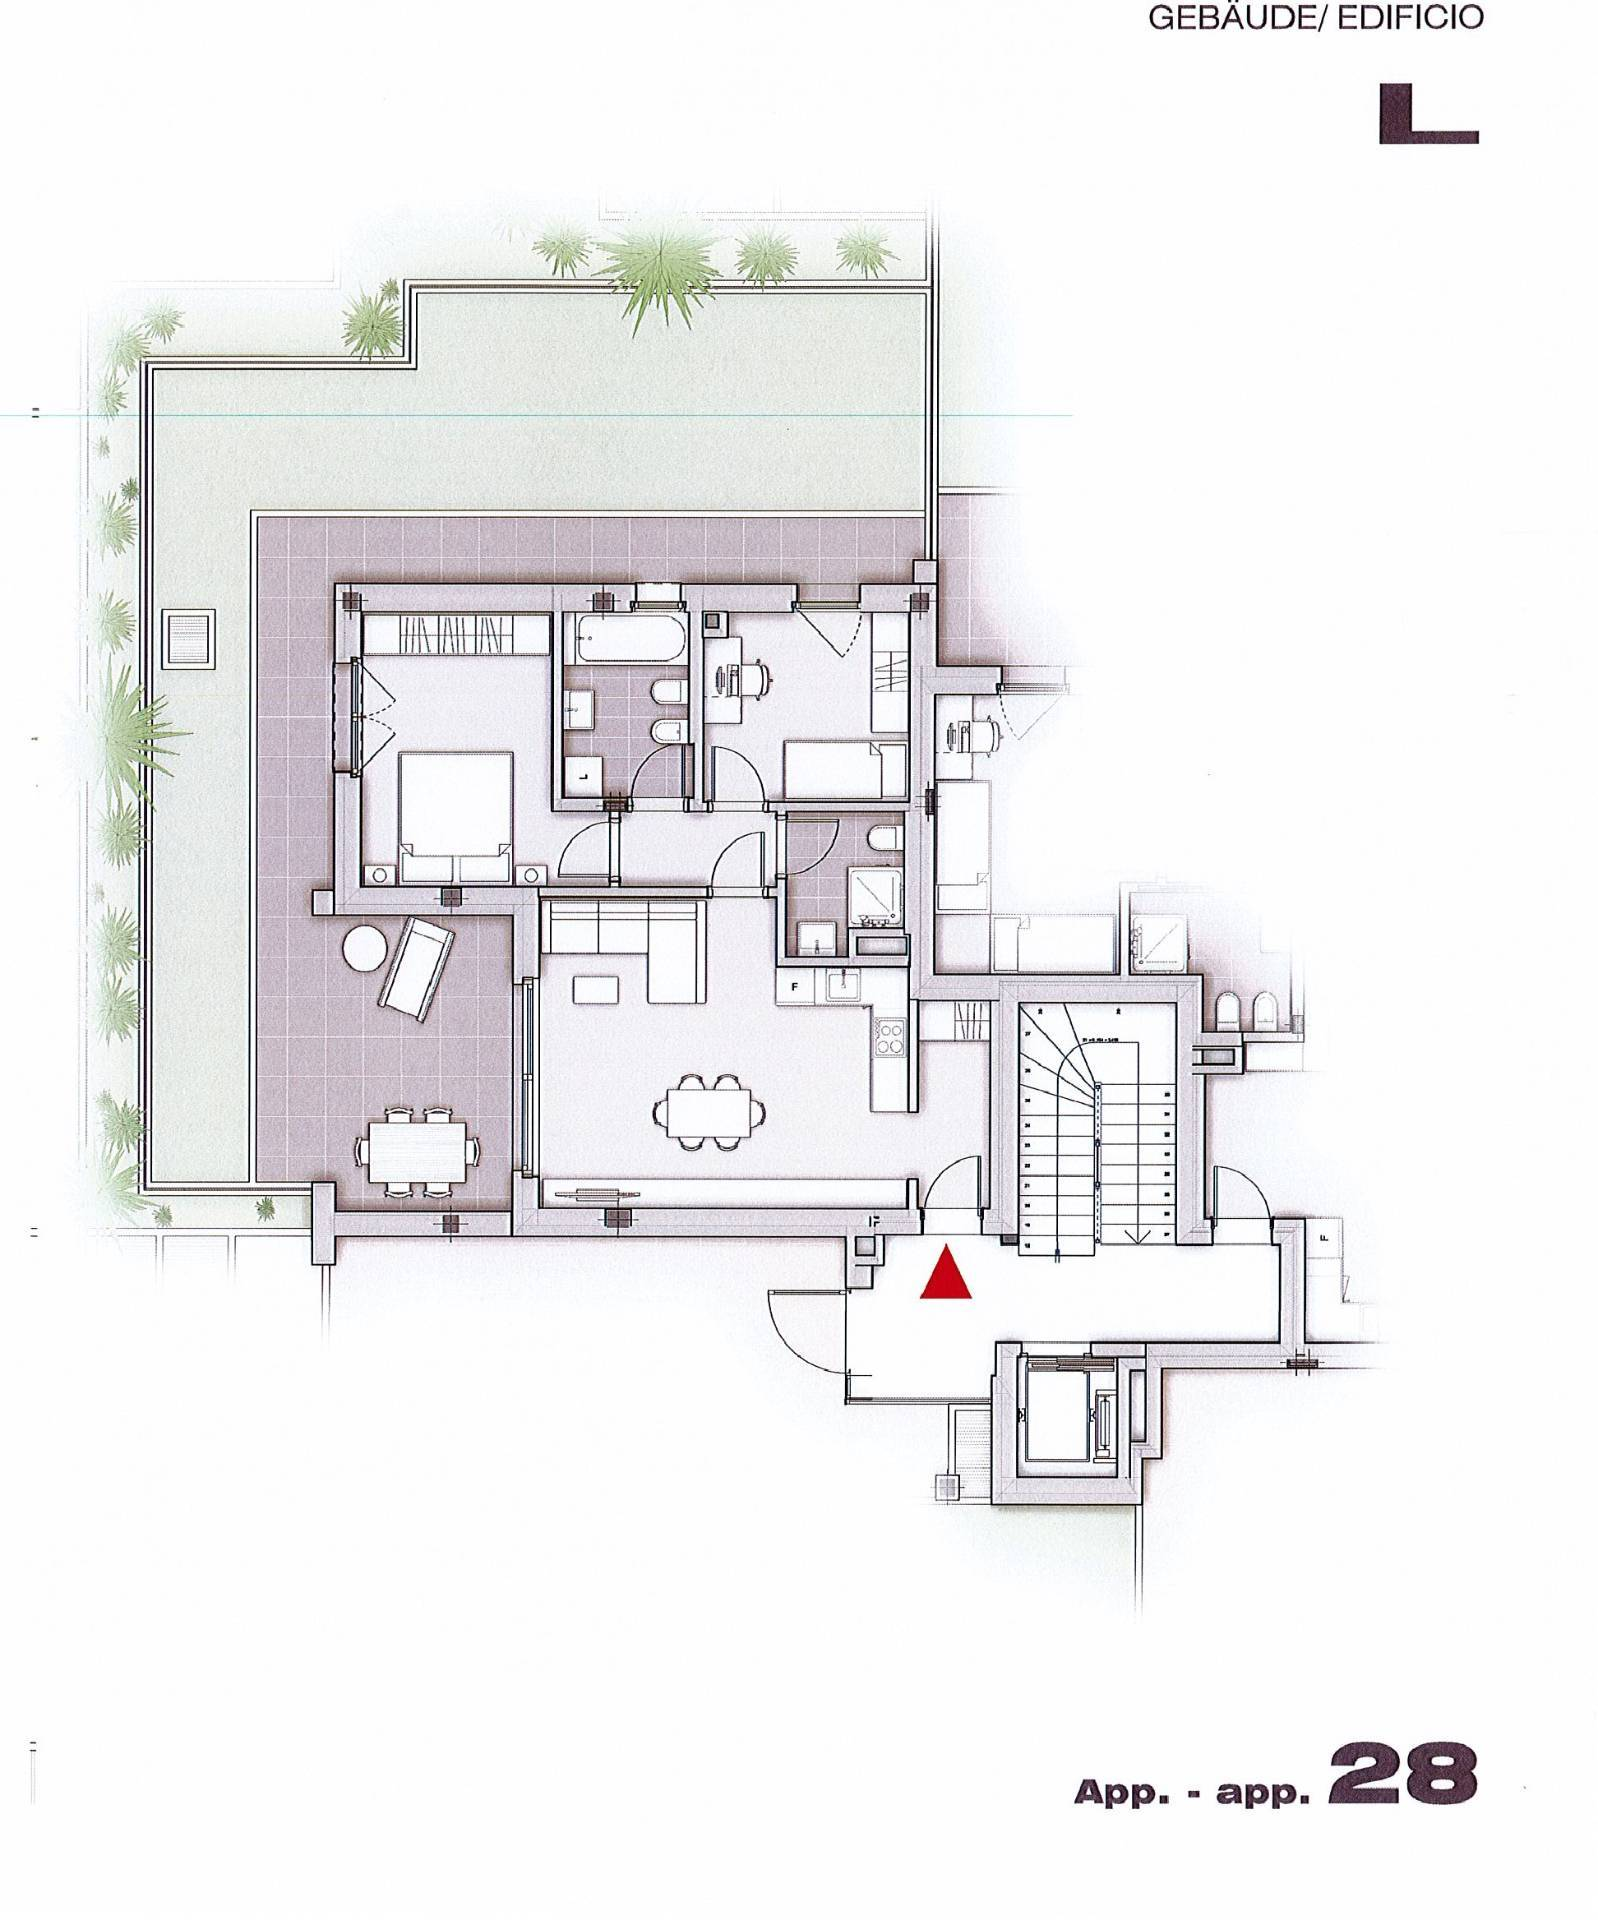 Appartamento in vendita a Appiano sulla Strada del Vino, 3 locali, zona Zona: Cornaiano, Trattative riservate | CambioCasa.it